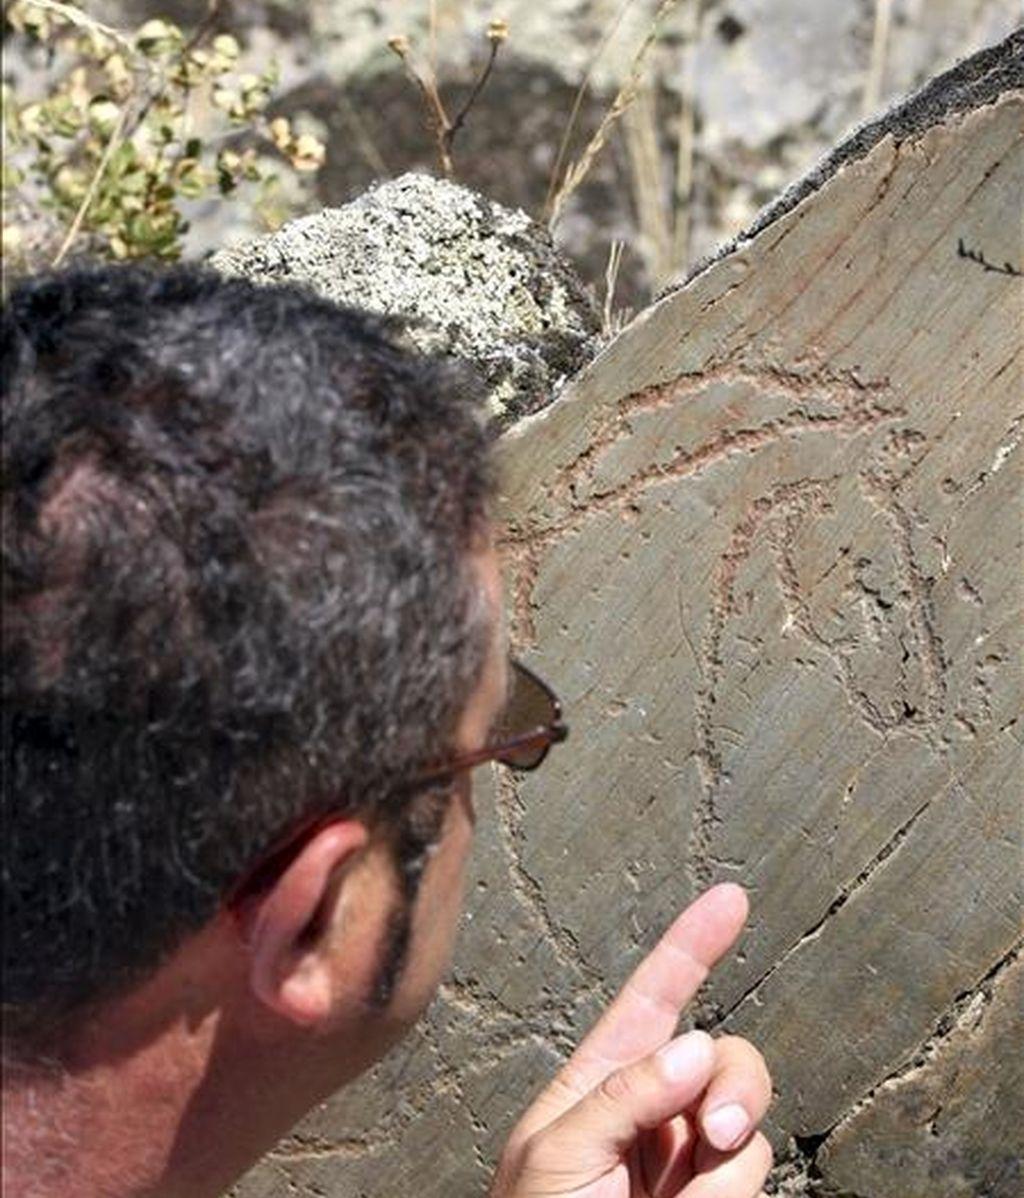 El alcalde de Villar de la Yegua, Tomás Méndez, señala uno de los 600 grabados de los yacimientos de Siega Verde, que ayer fueron declarados Patrimonio de la Humanidad. EFE/Carlos García